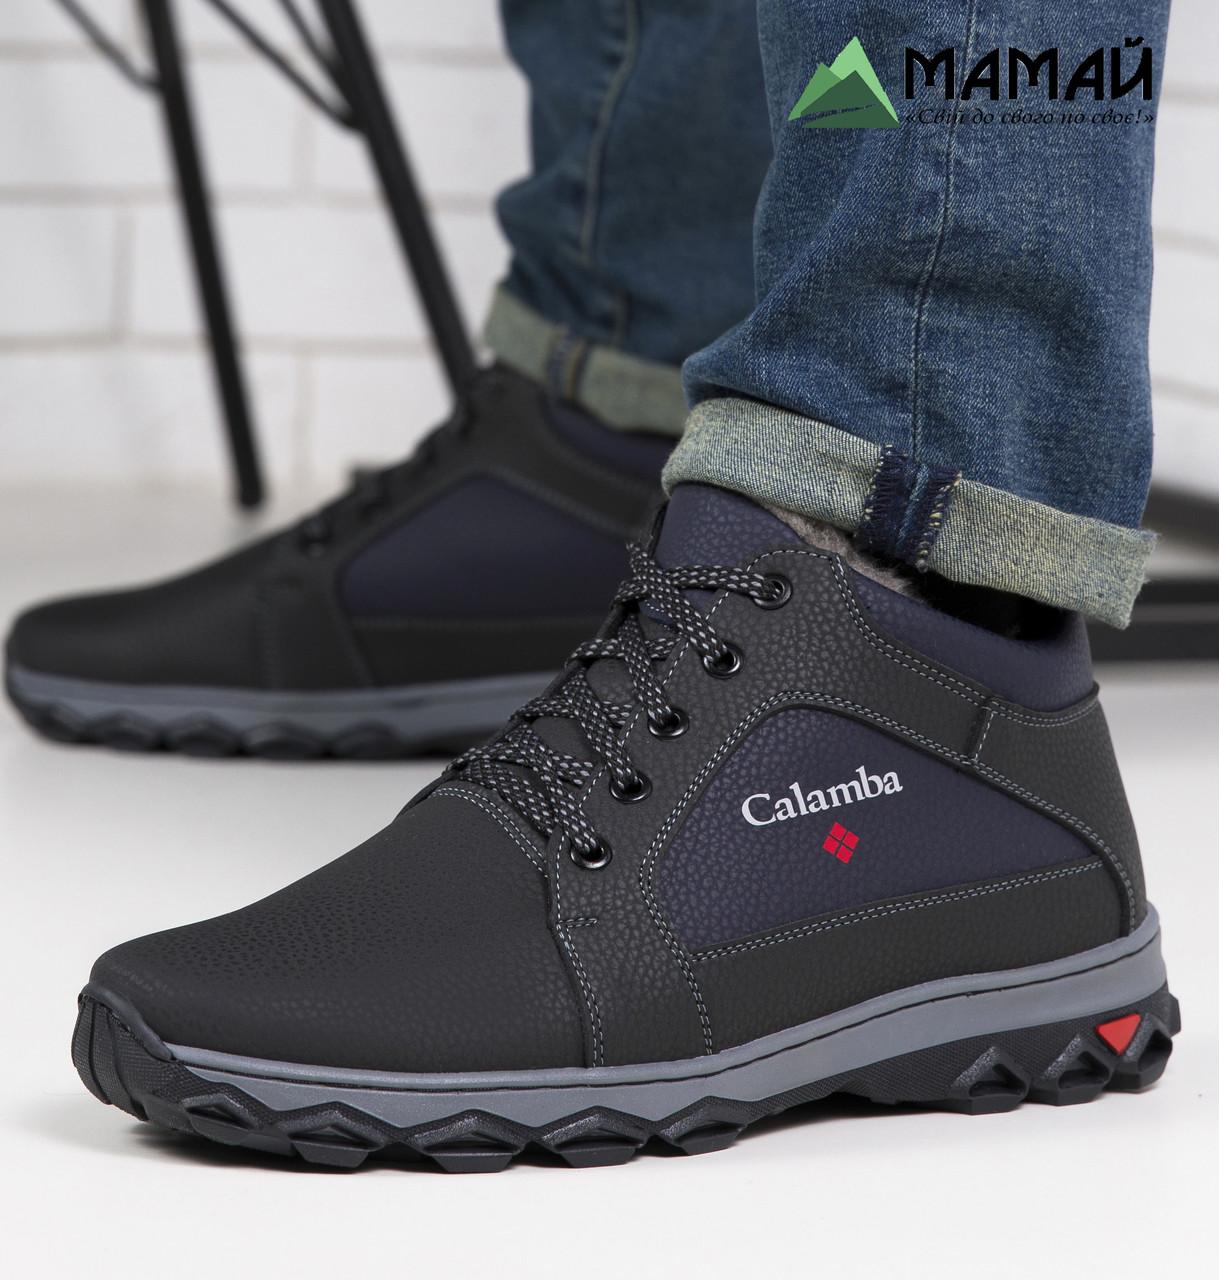 Мужские зимние ботинки -20° C